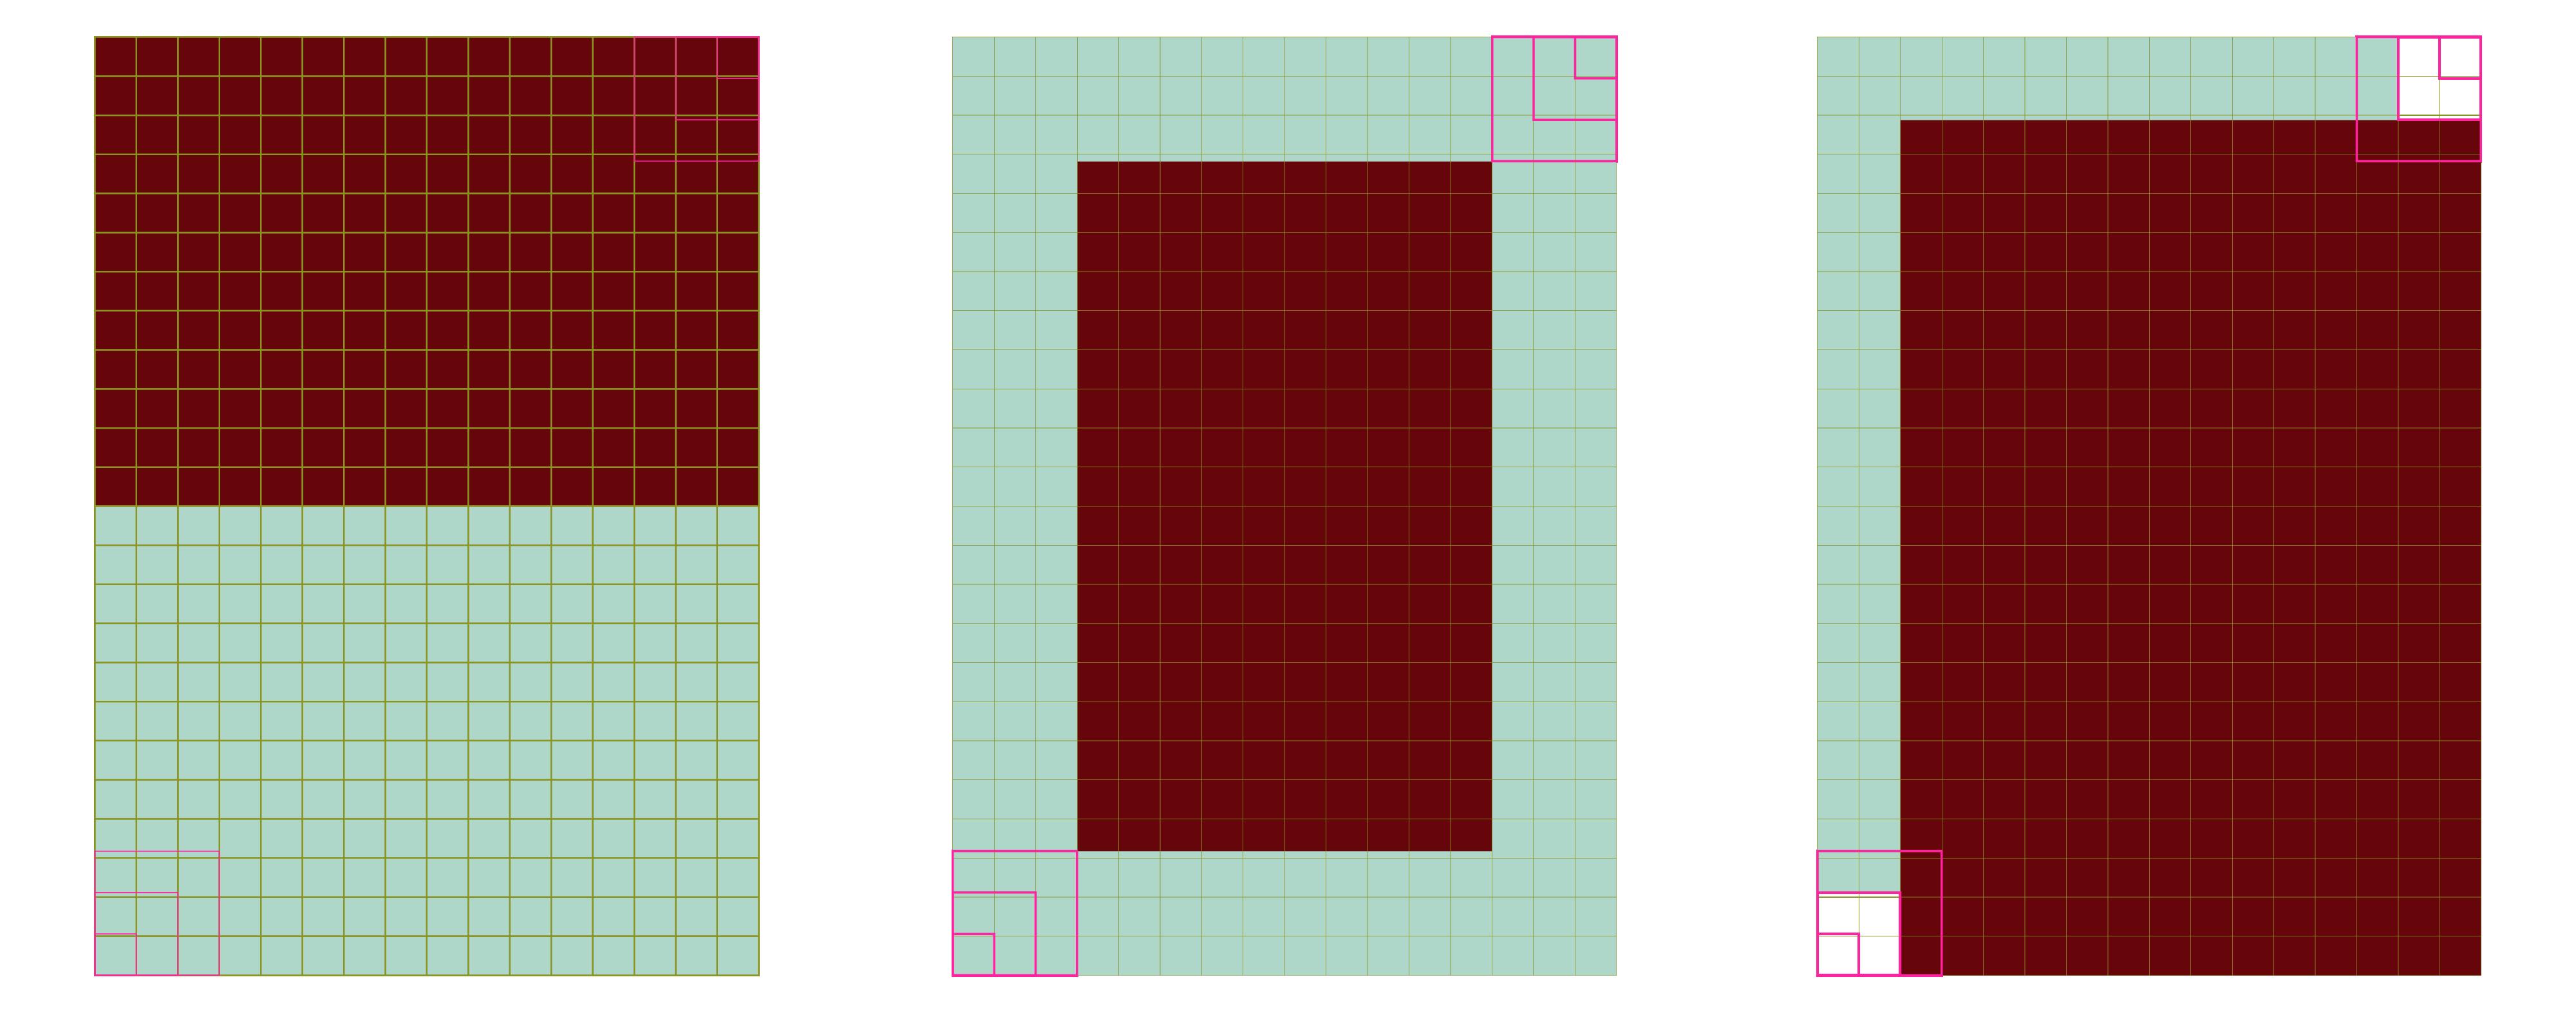 vmp_layoutprinsipper_bilder-02